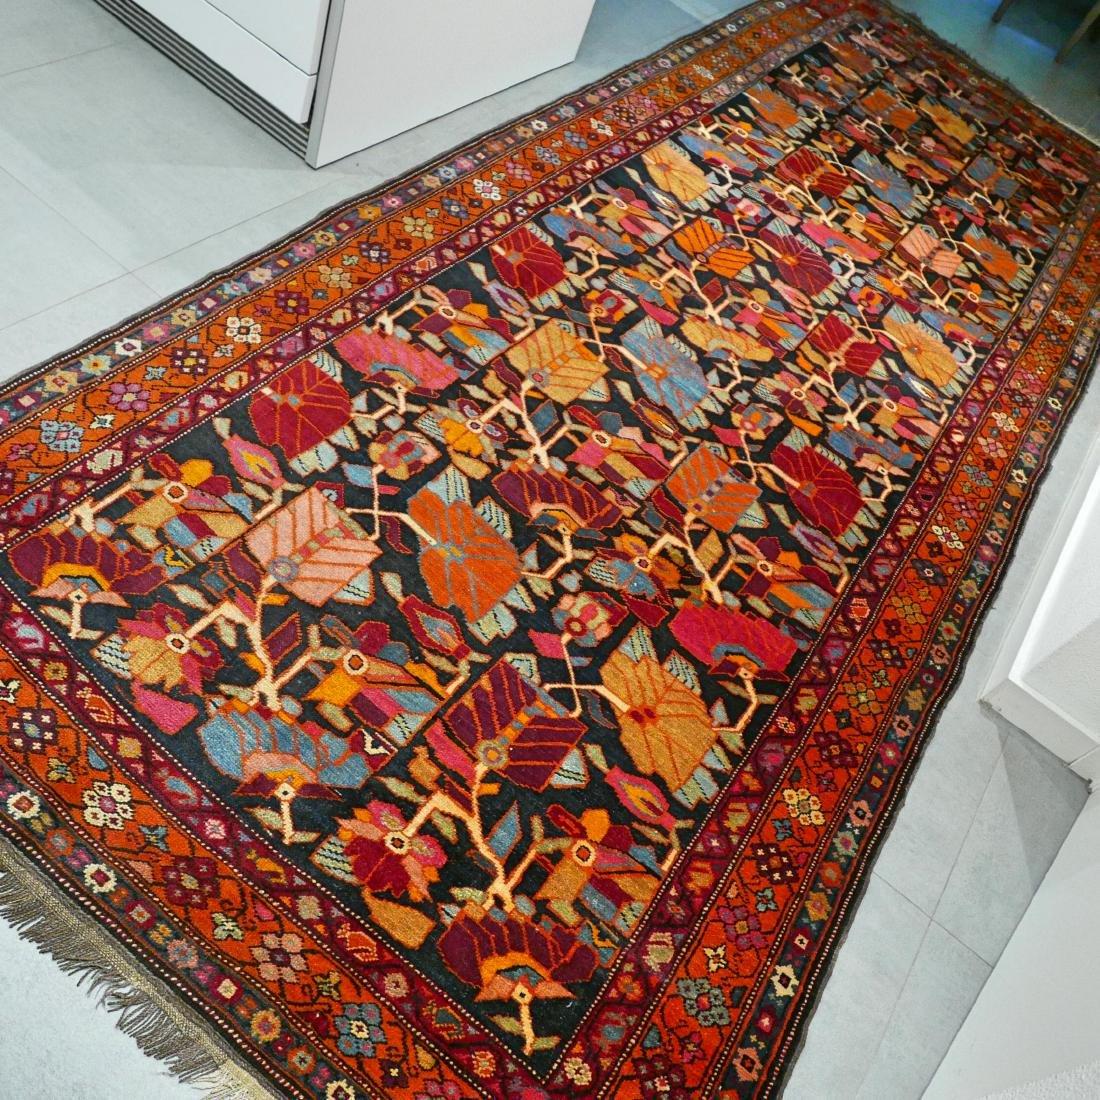 Oversized Special Design Caucasian Rug 13.9x5.3 - 4